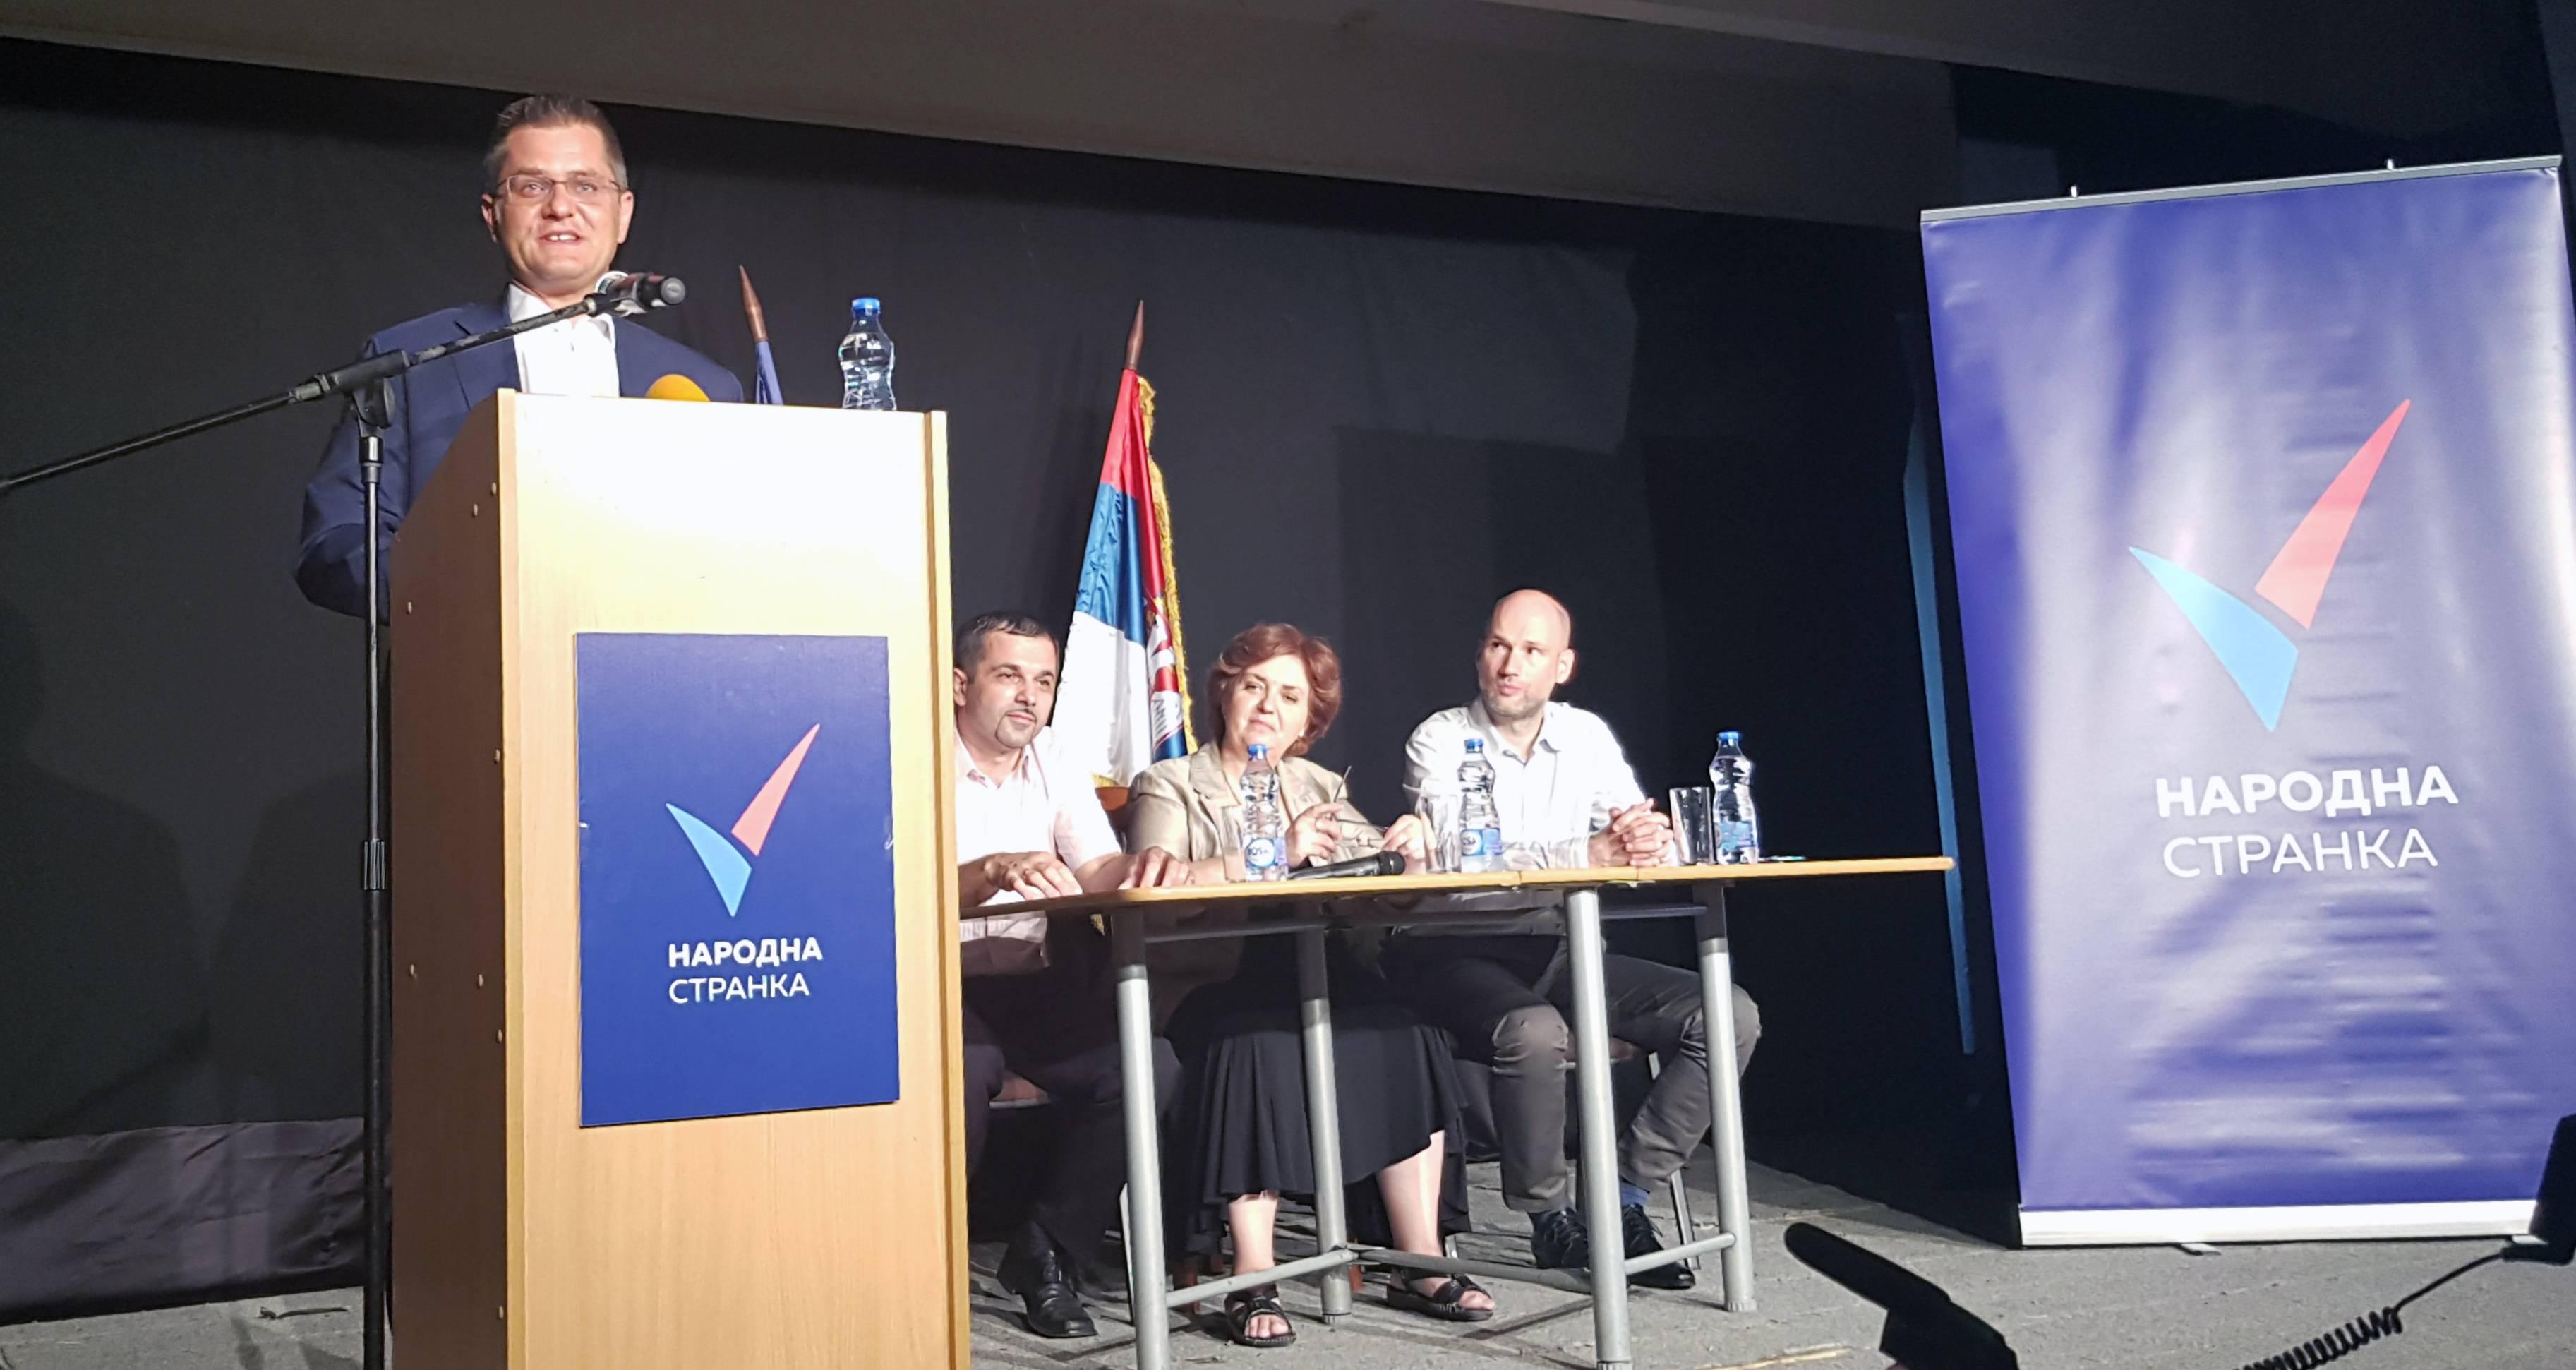 Јеремић: Вучић планира изазивање немира на северу Косова